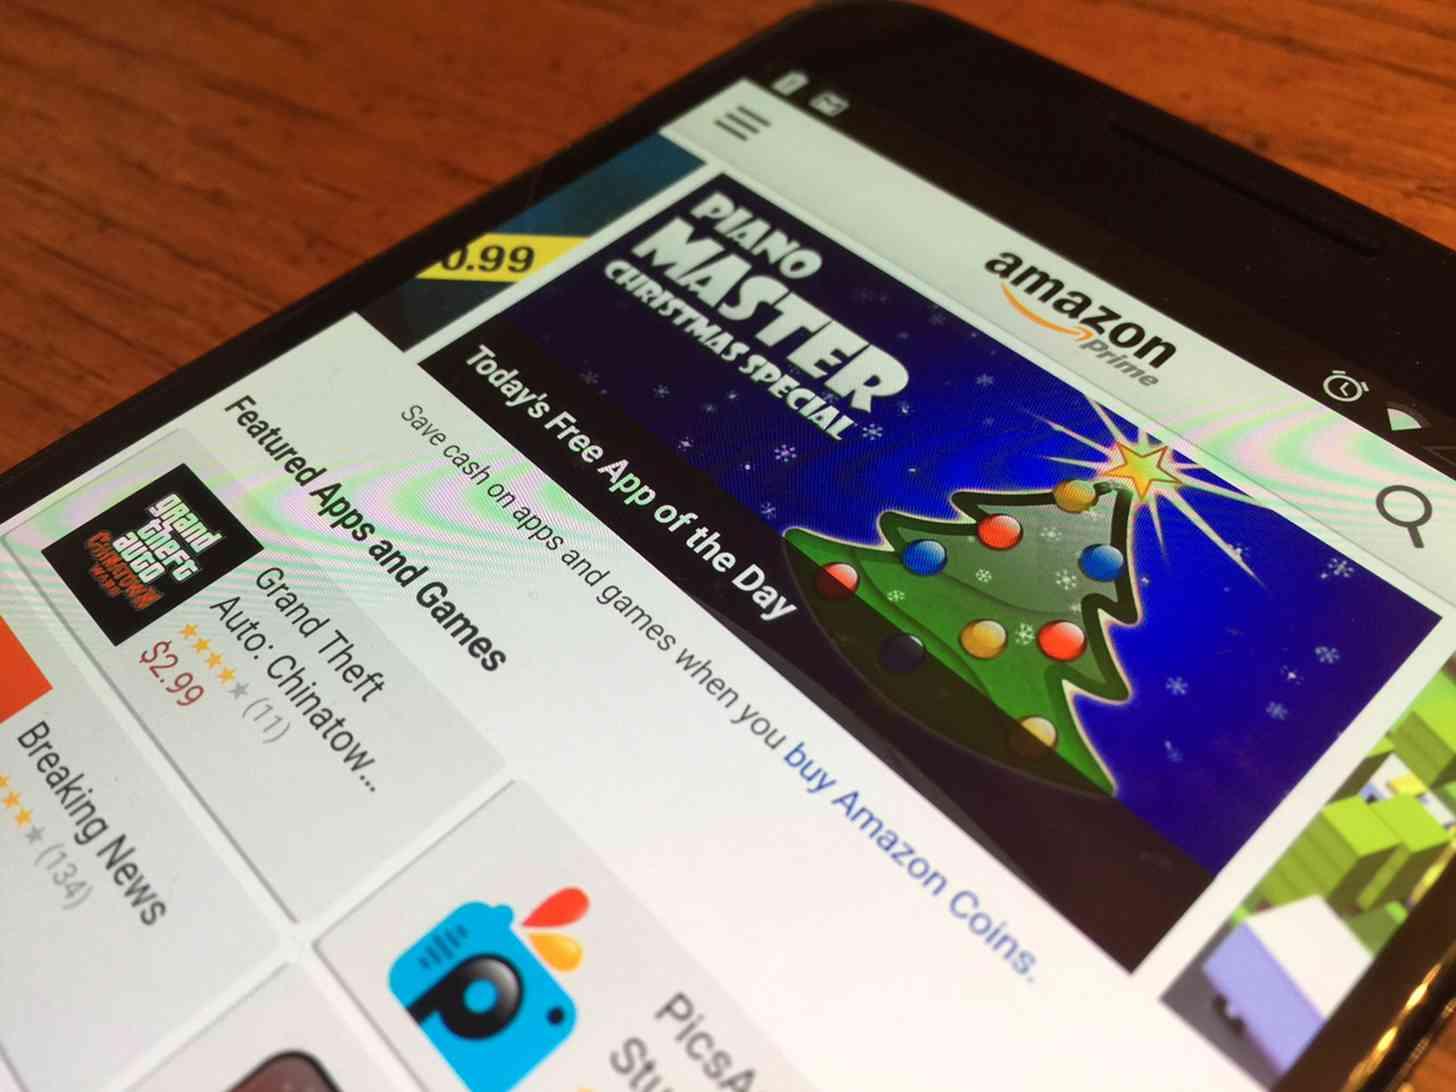 Amazon Appstore Nexus 6